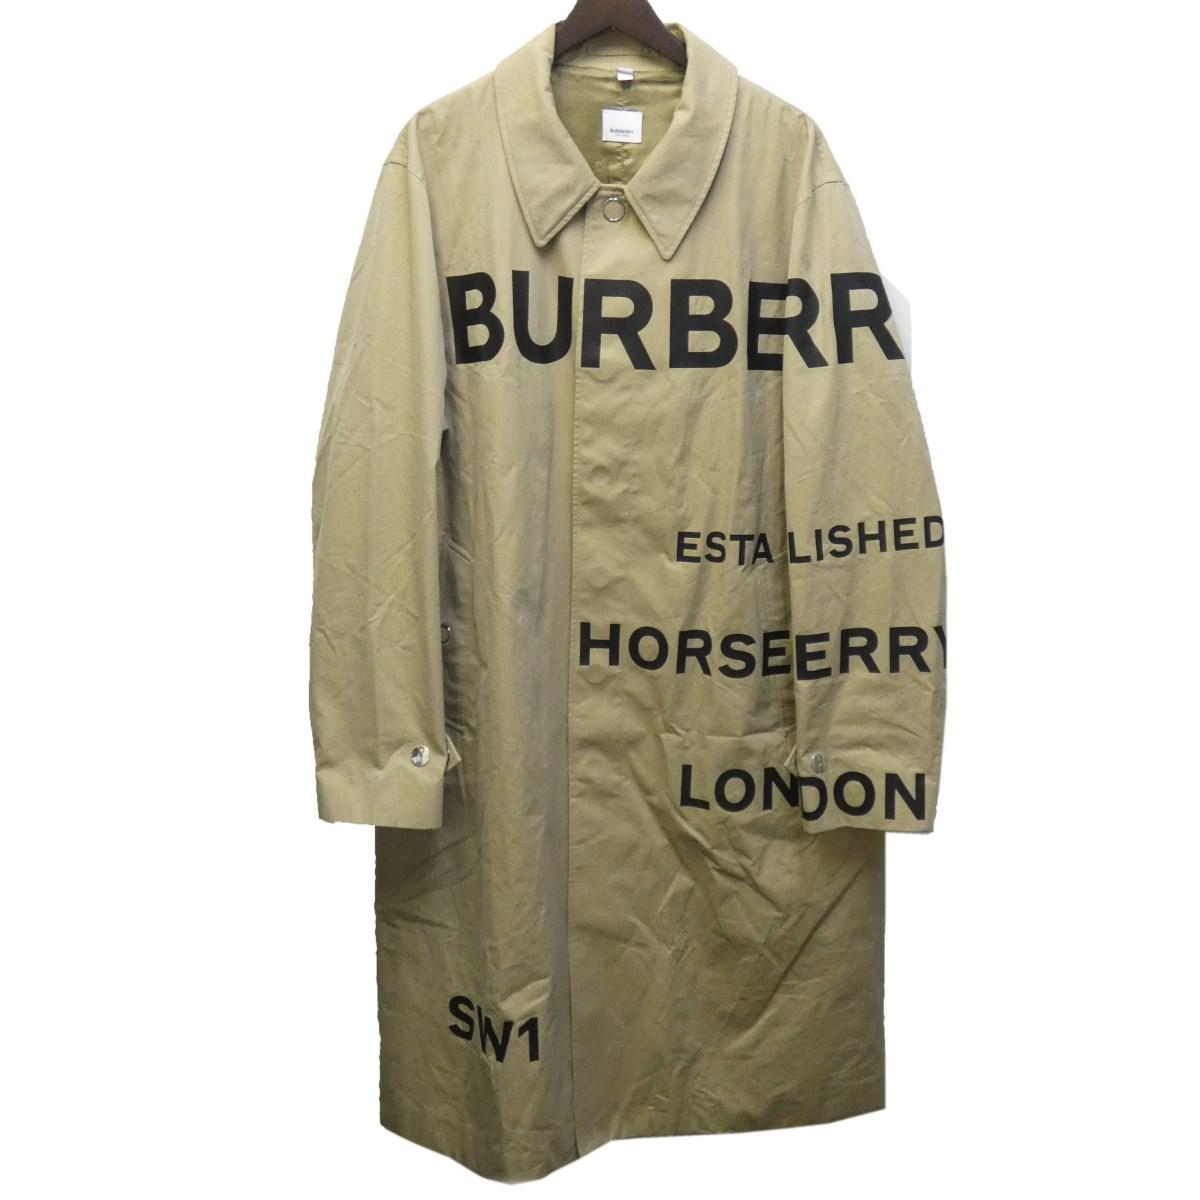 【中古】BURBERRY 19SS ホースフェリープリントステンカラーコート ベージュ サイズ:56 【140520】(バーバリー)